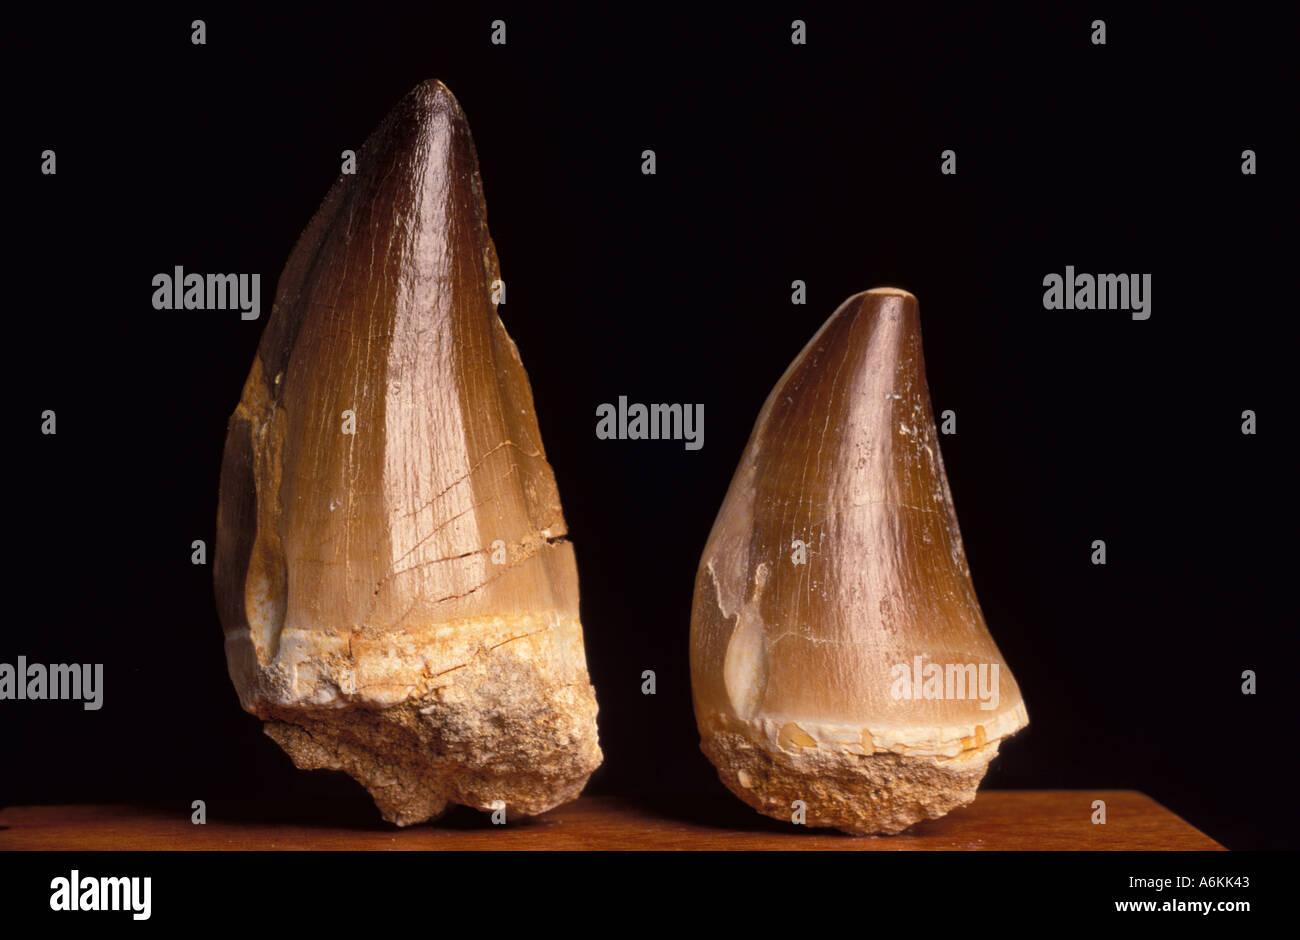 Diente Fósil de reptiles marinos del período Cretácico, hace 65 millones de años de tiempo Imagen De Stock